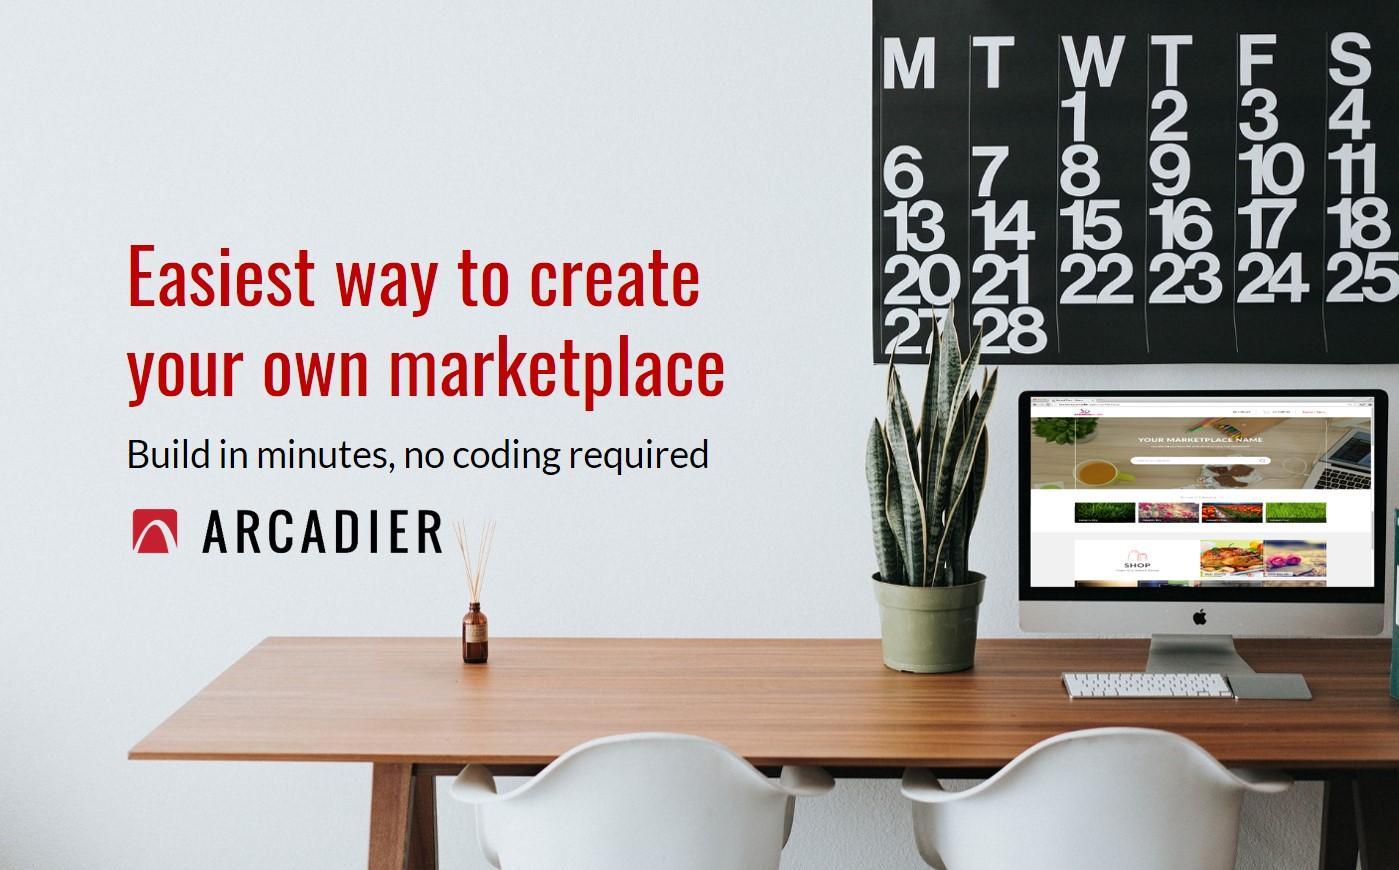 Bewertungen Arcadier: Software für Marketplace-Design - appvizer